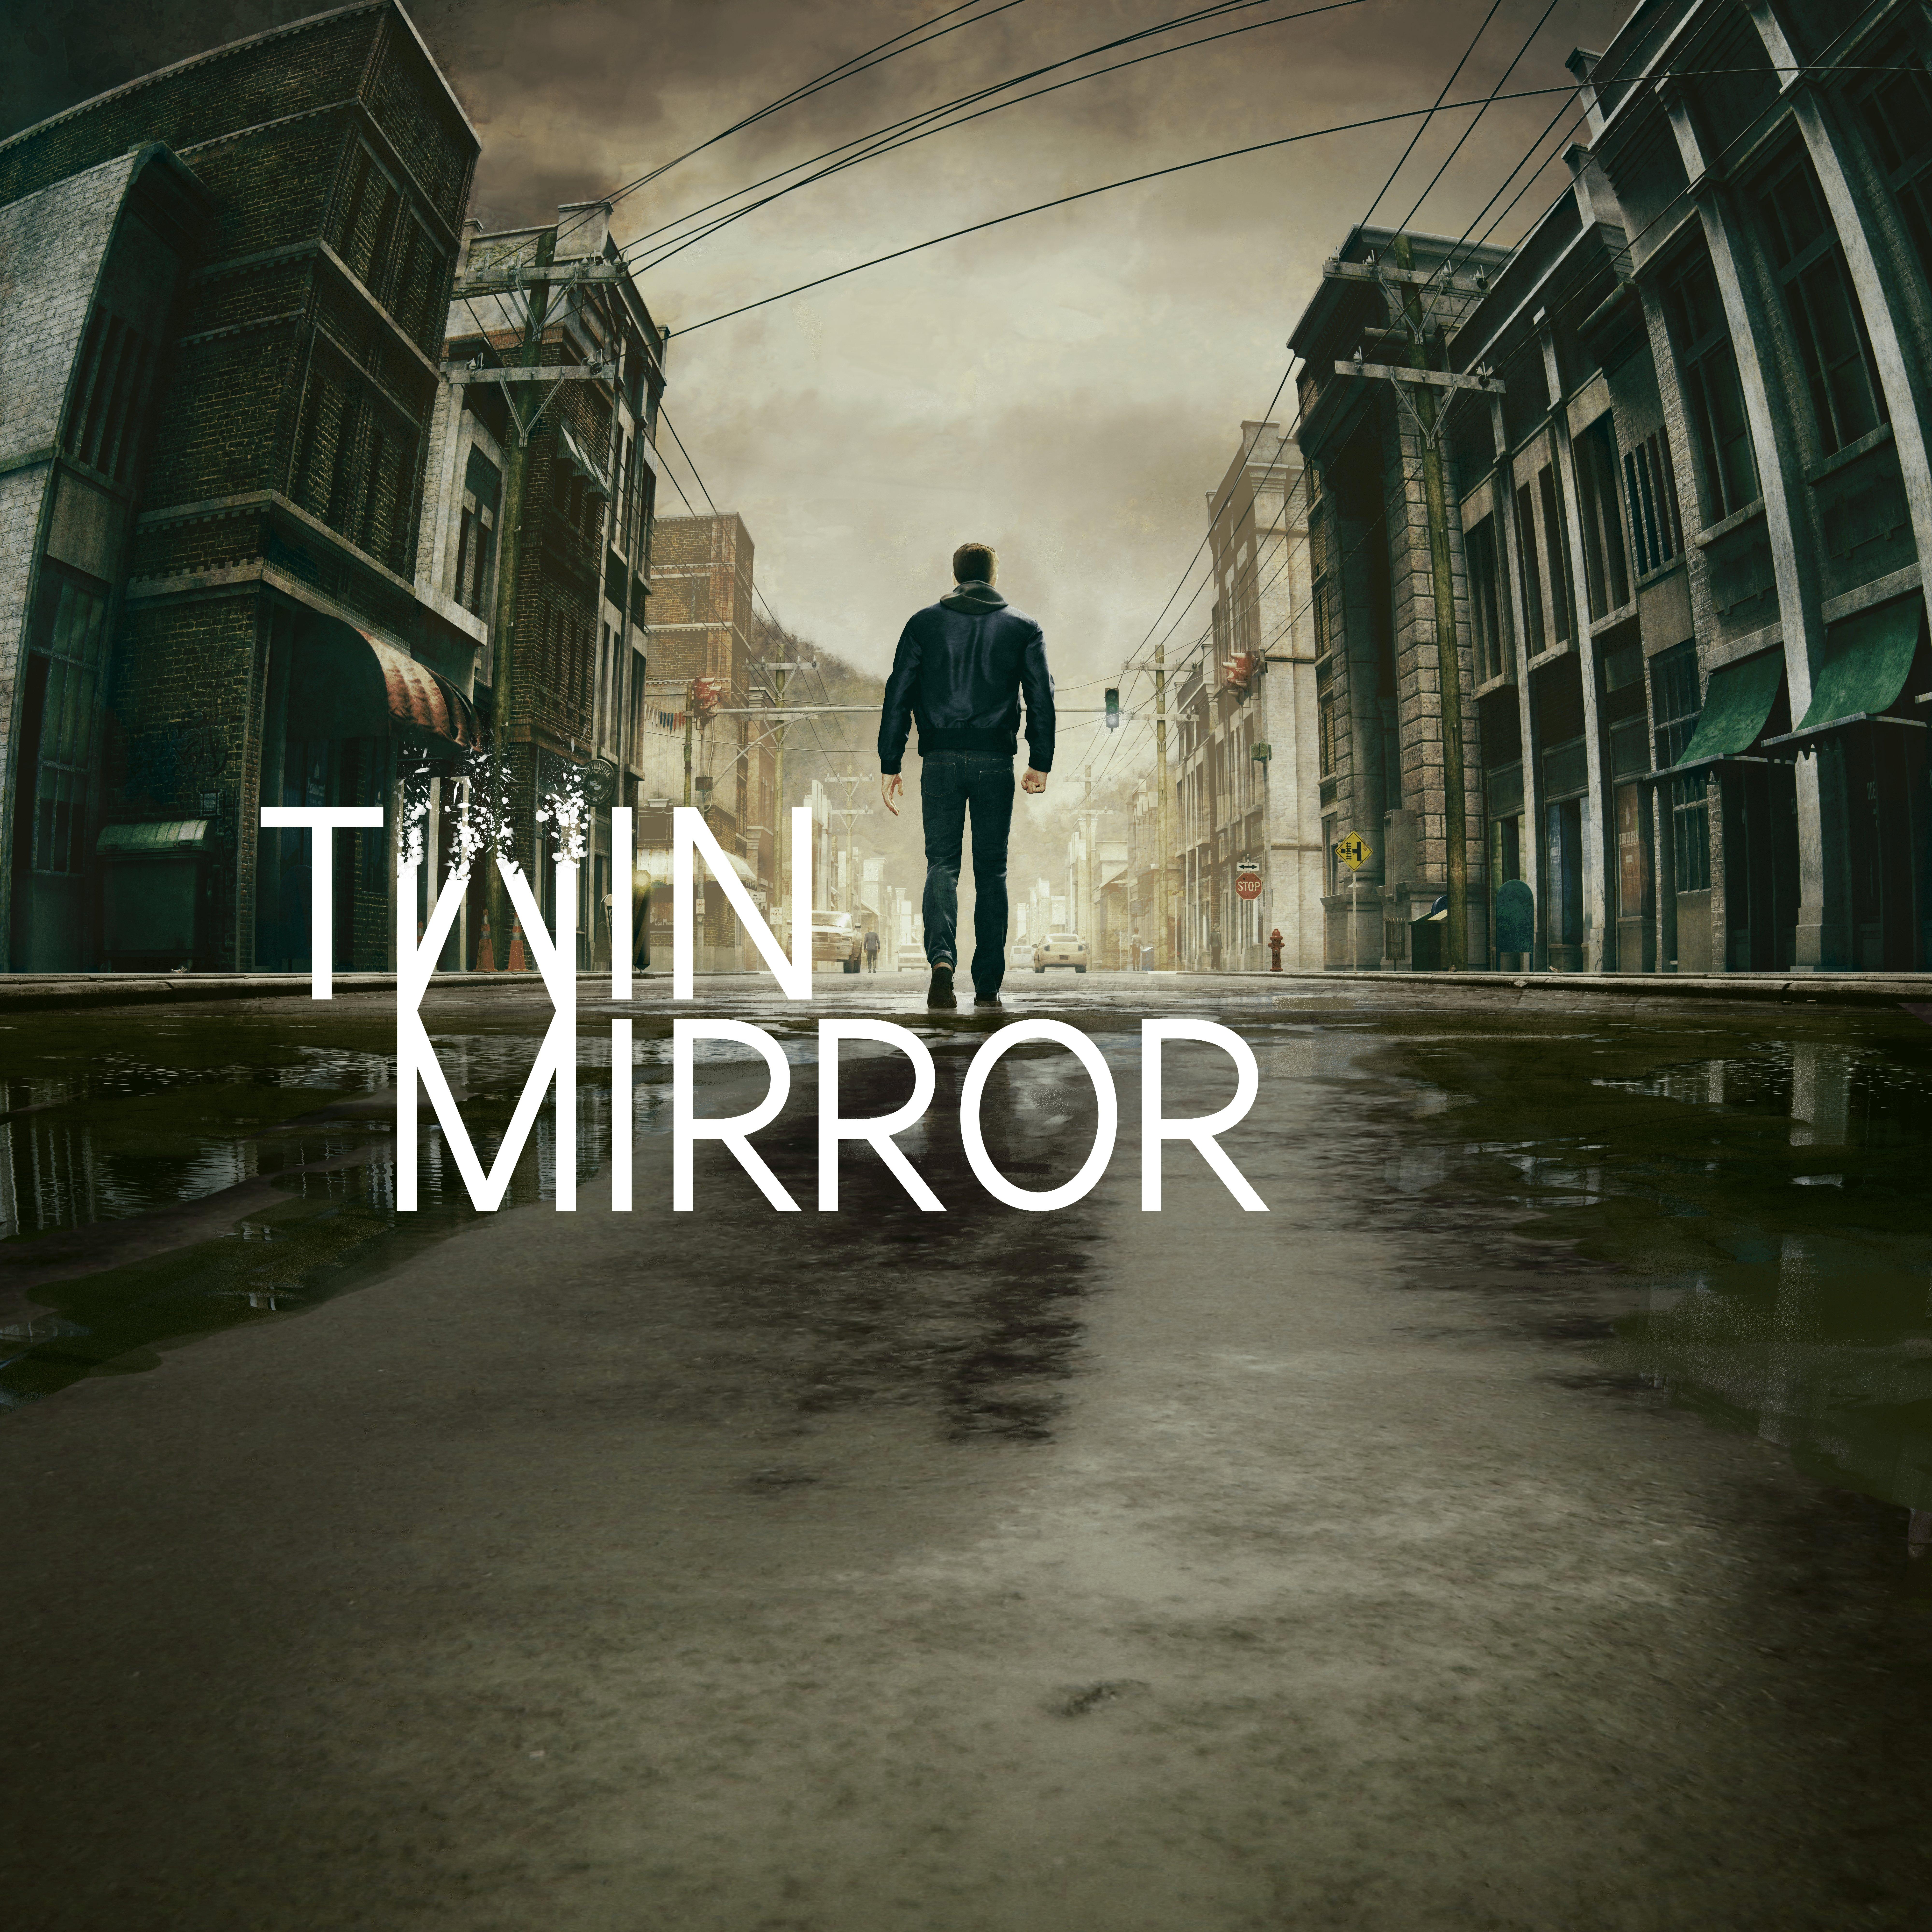 Twin-Mirror_2018_06-08-18_008